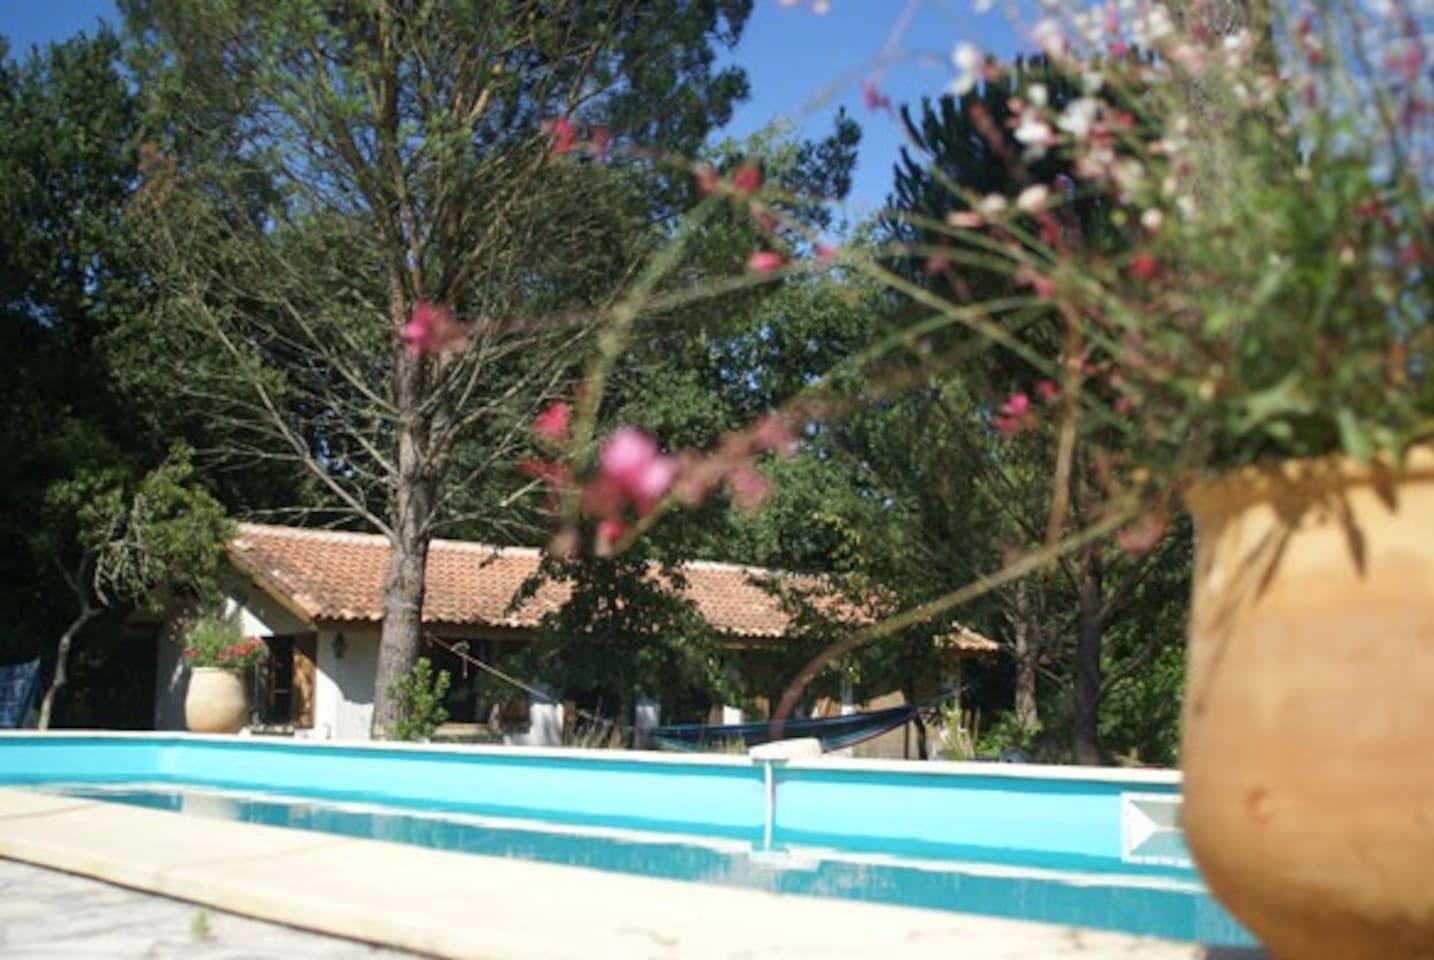 Une belle piscine de 12x4, sous un pin Parasol.